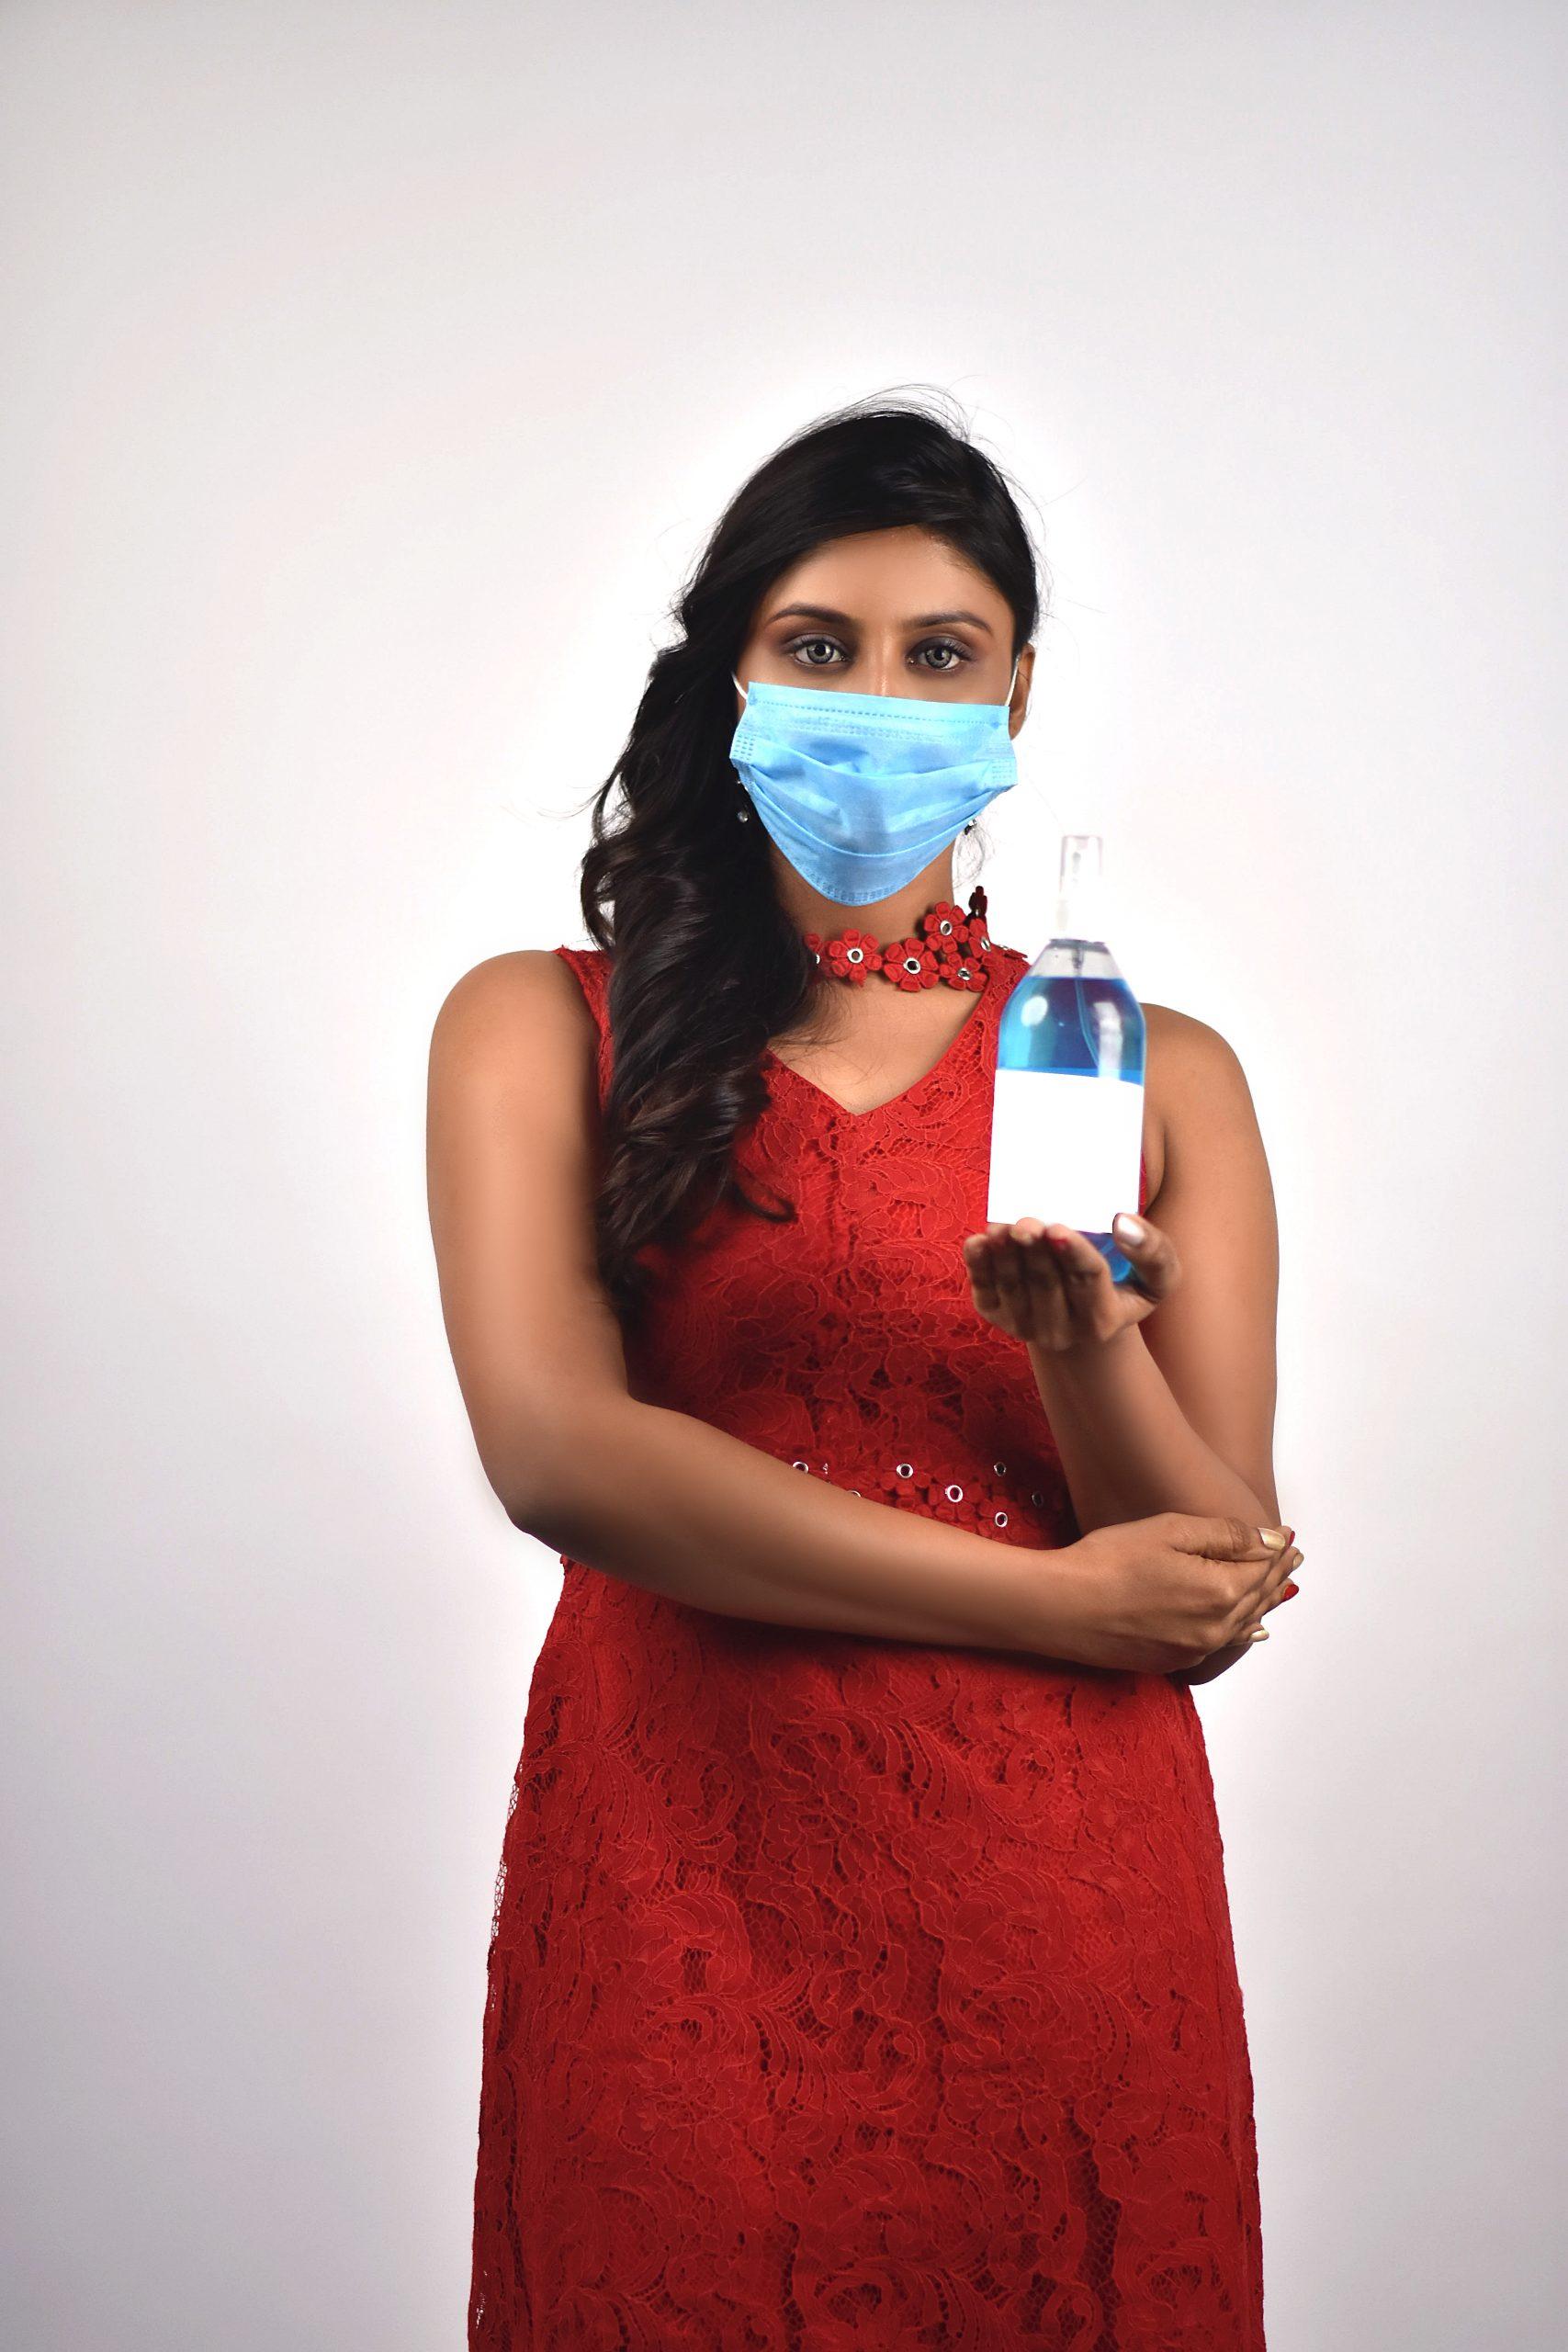 Woman displaying sanitizer